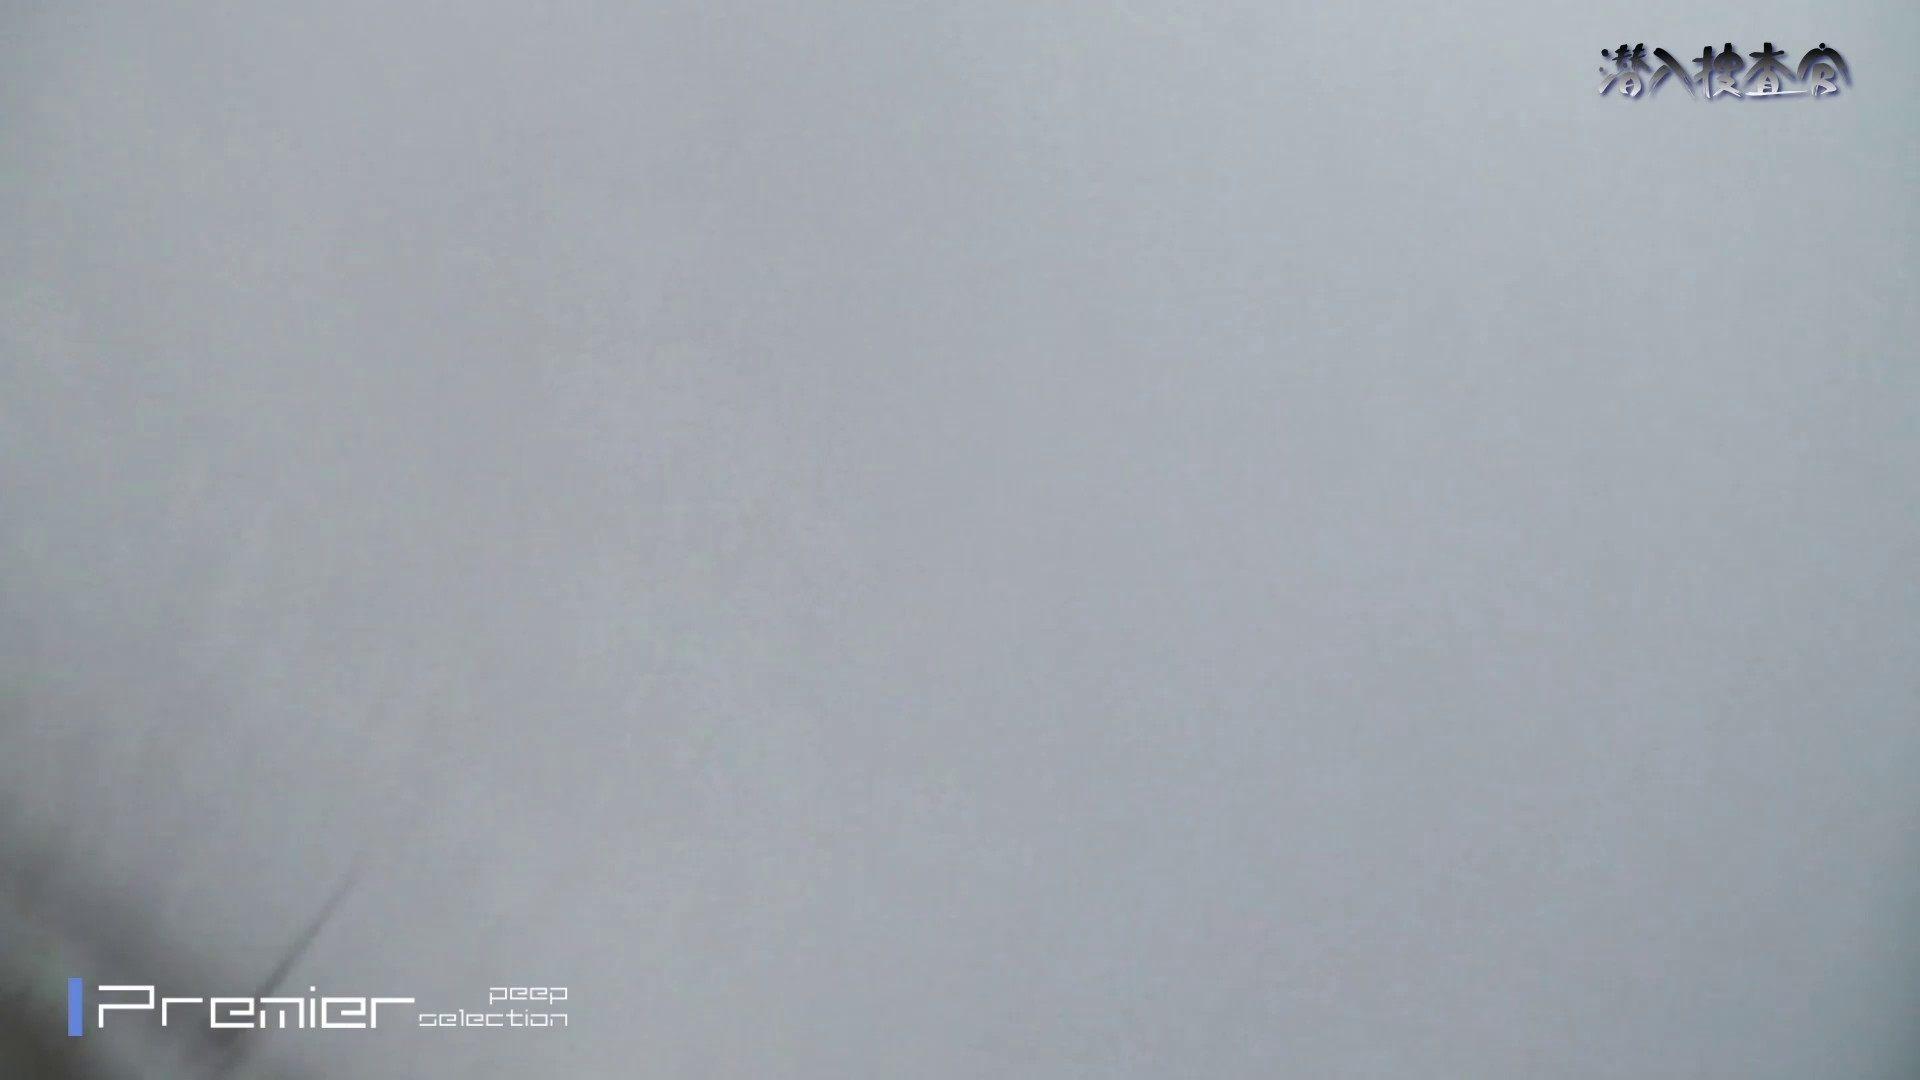 下からノゾム vol.041 携帯に夢中、後ろに居るカメラはやりたい放題! 丸出しマンコ | エッチすぎるOL達  71連発 13